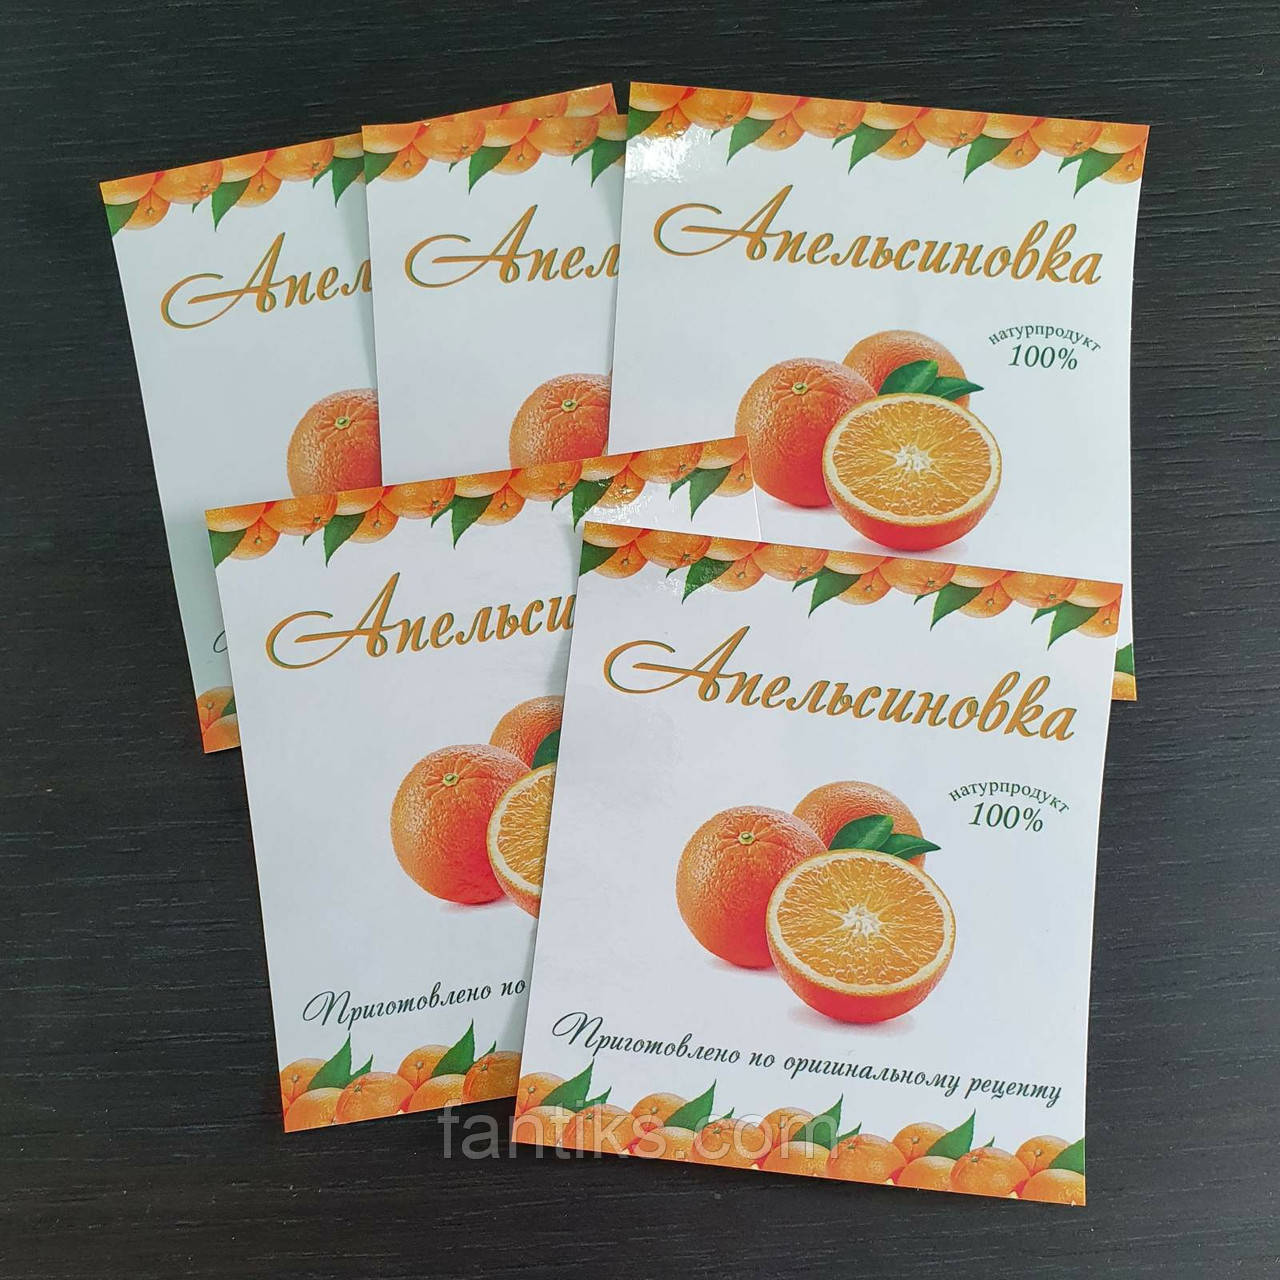 Наклейки на замовлення - 15 штук / мінімальний тираж - Апельсіновка 15 шт. або Мандаріновка 15 шт.